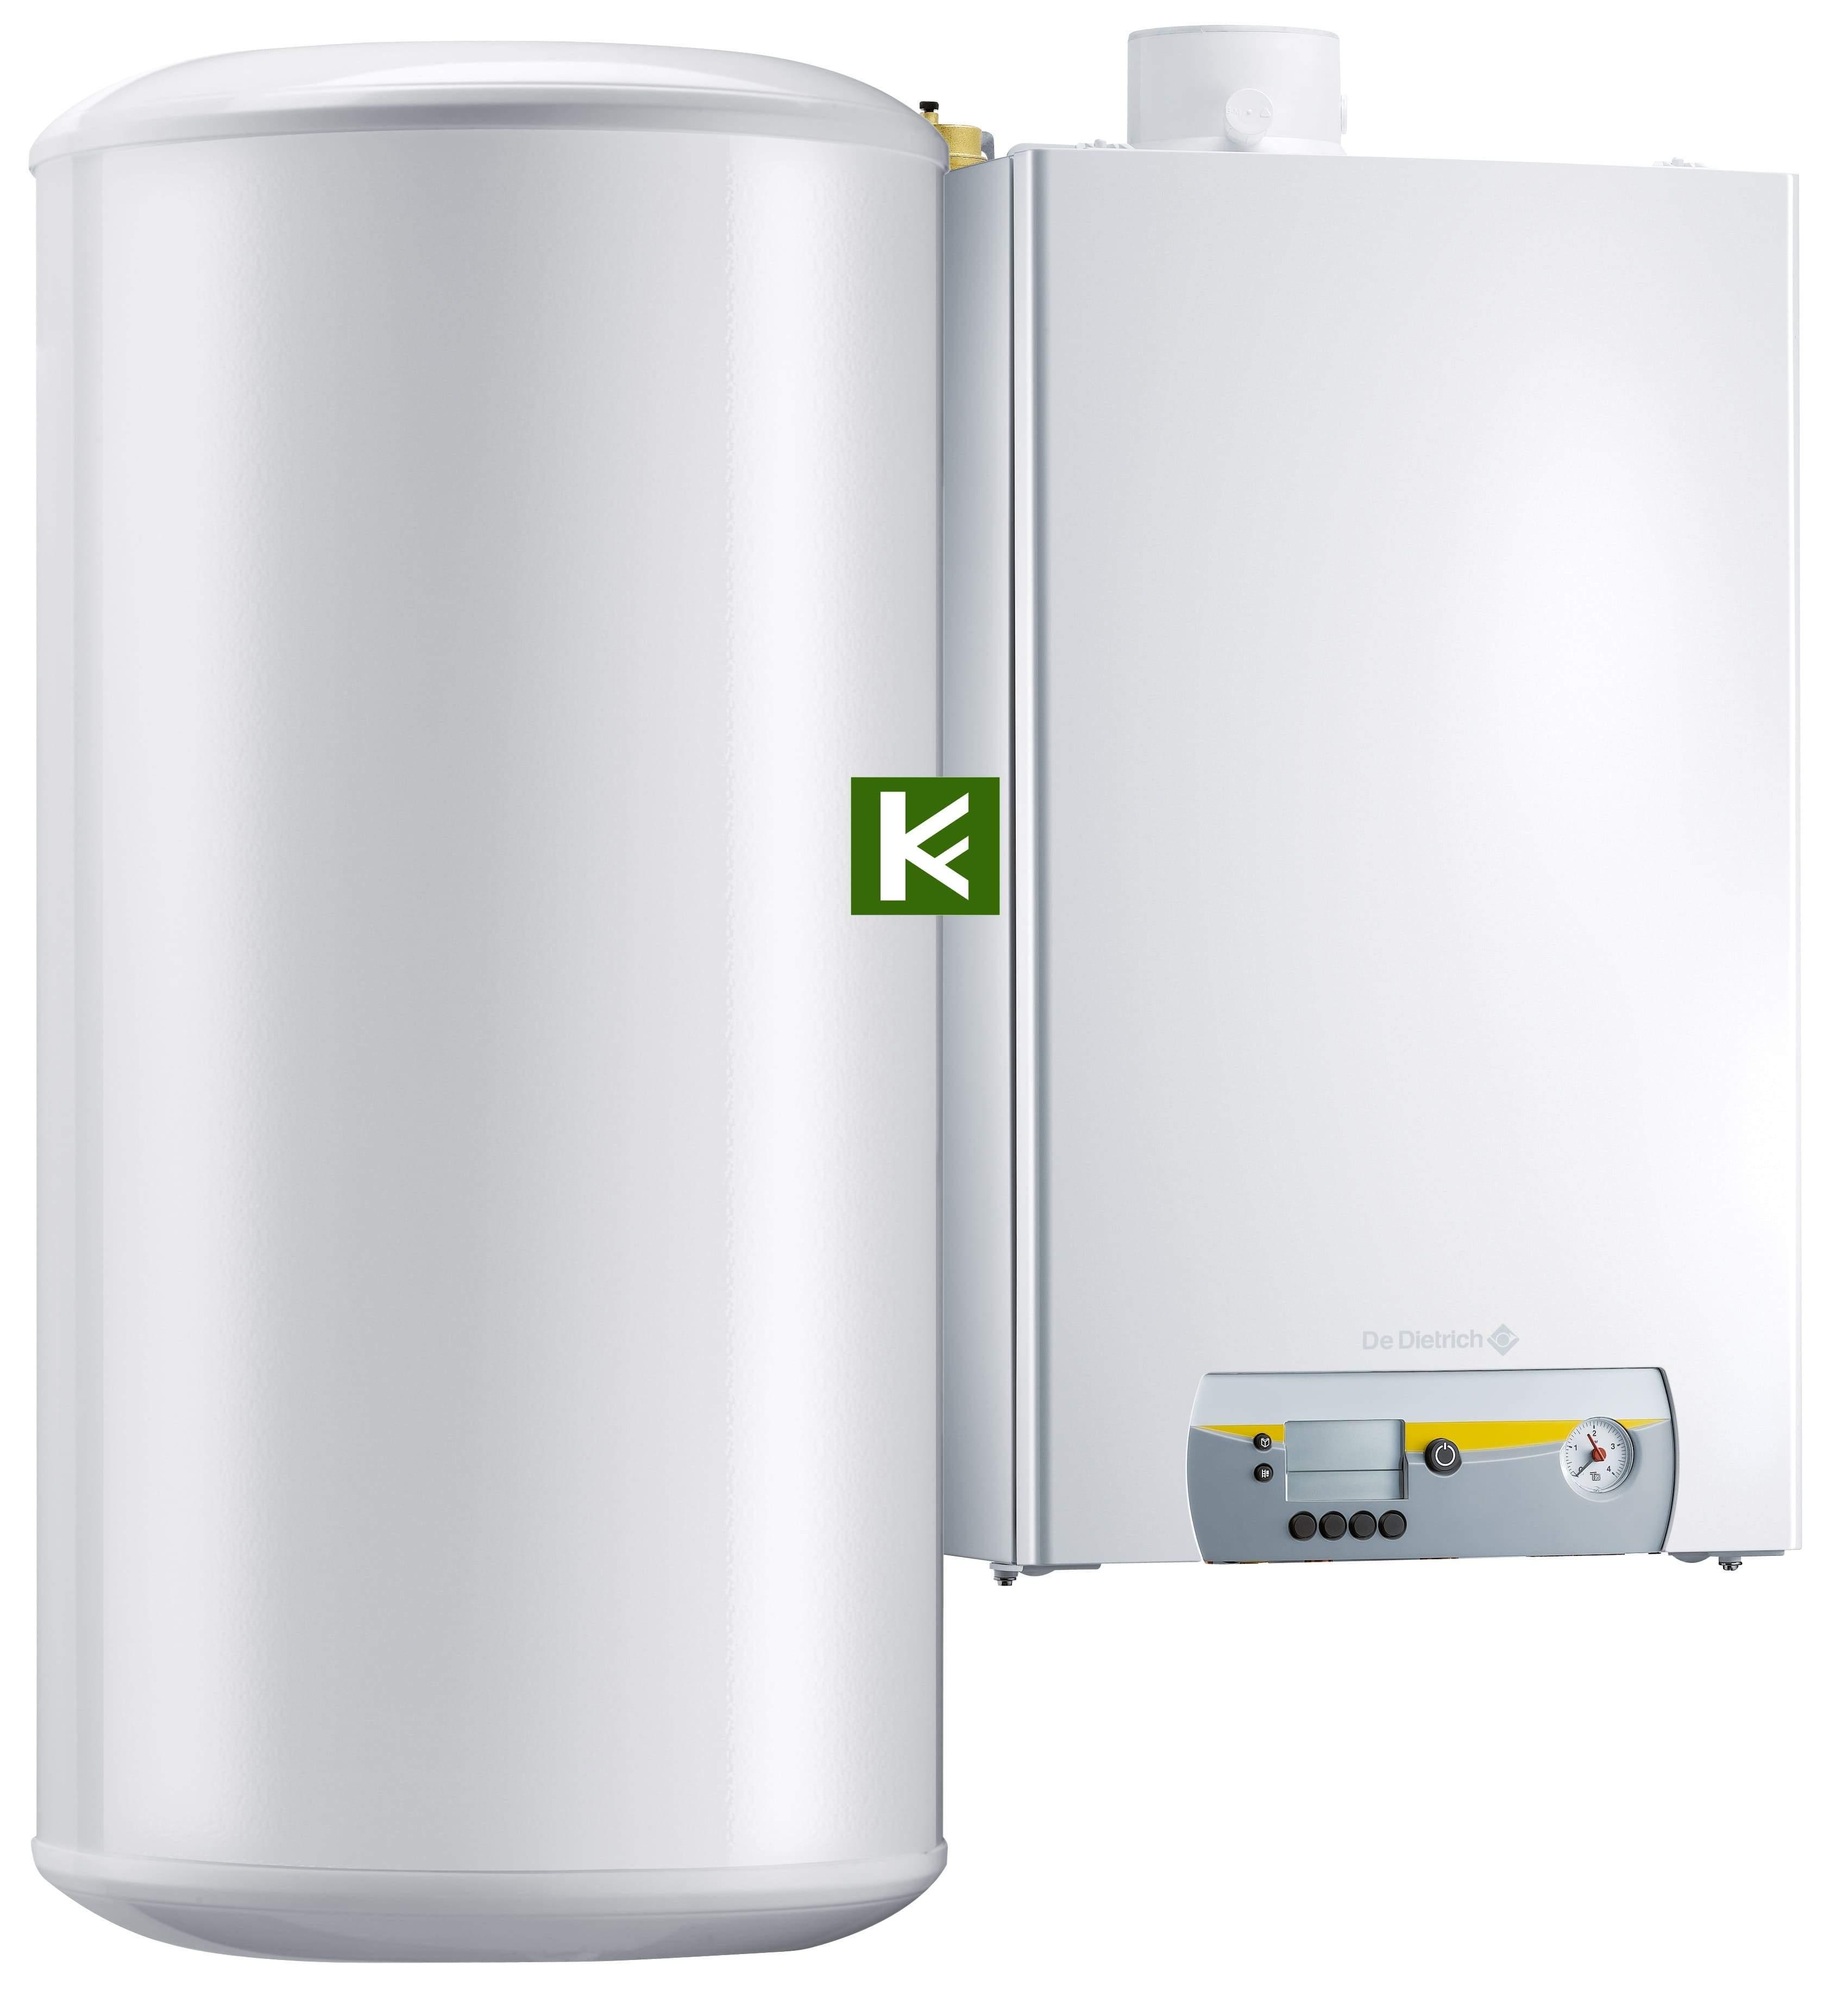 купить бойлер косвенного нагрева de dietrich BMR 80 водонагреватель де дитриш